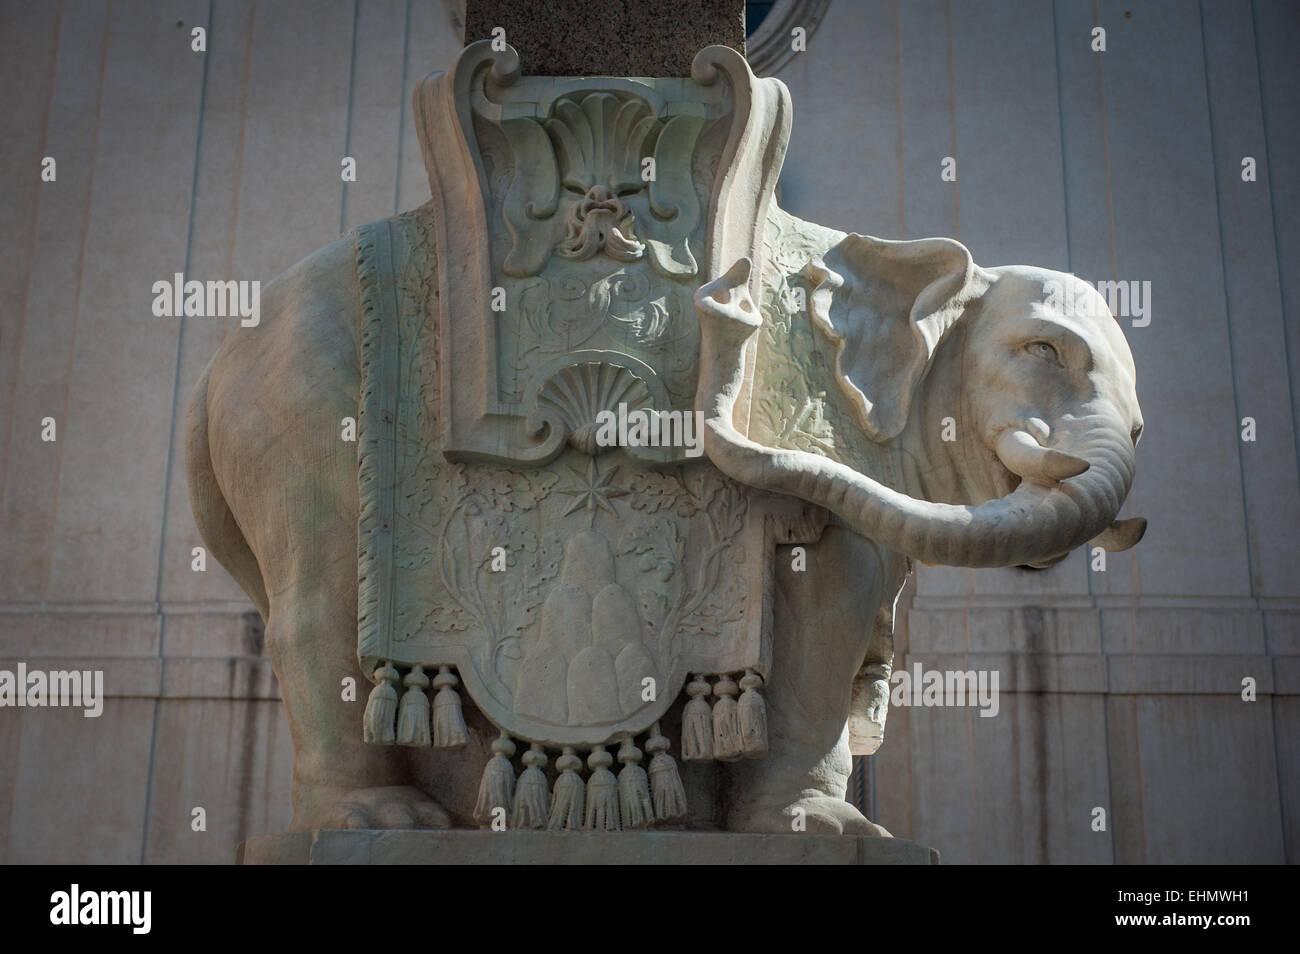 Obelisk of Santa Maria sopra Minerva, Piazza della Minerva, Rome, Lazio, Italy. Stock Photo